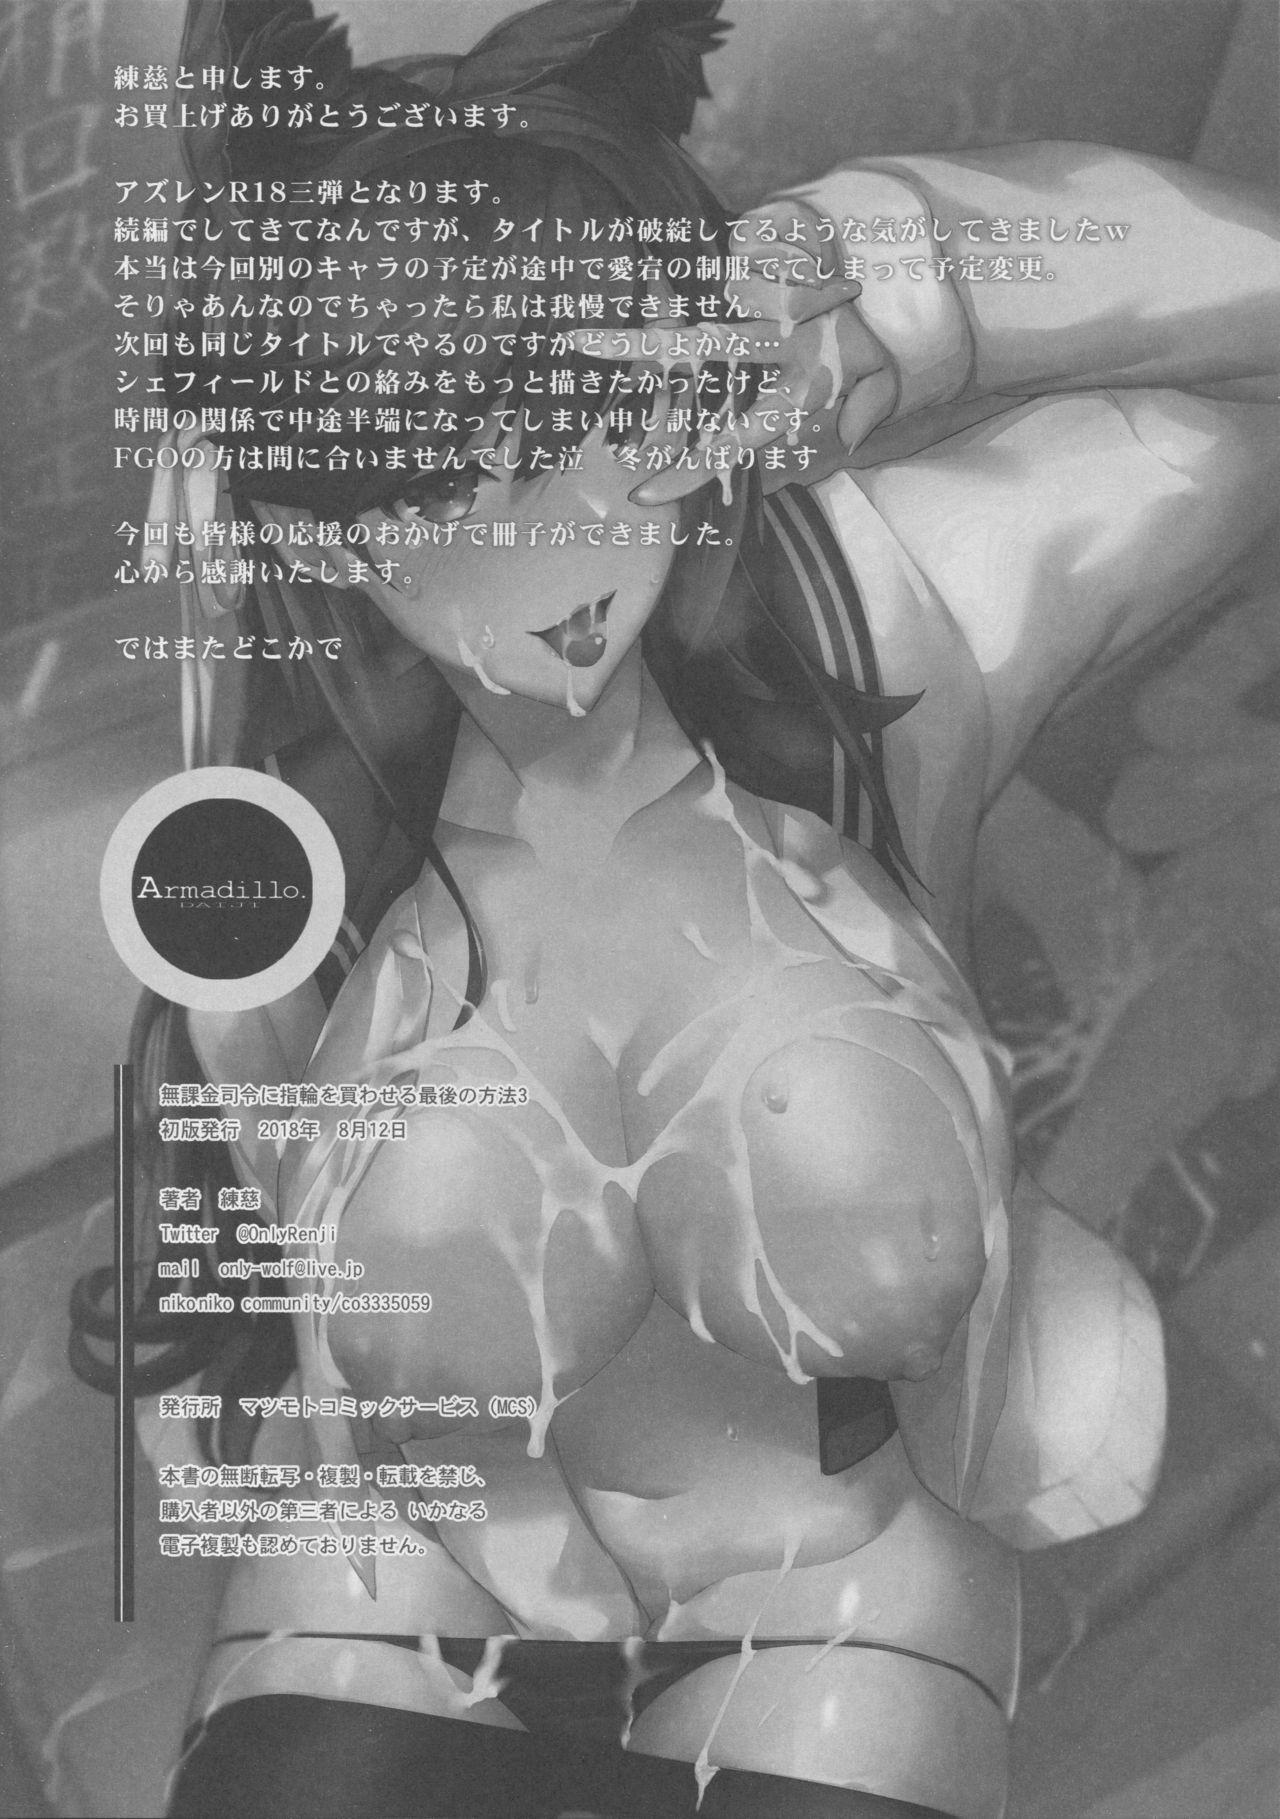 Mukakin Shirei ni Yubiwa o Kawaseru Saigo no Houhou 3 12